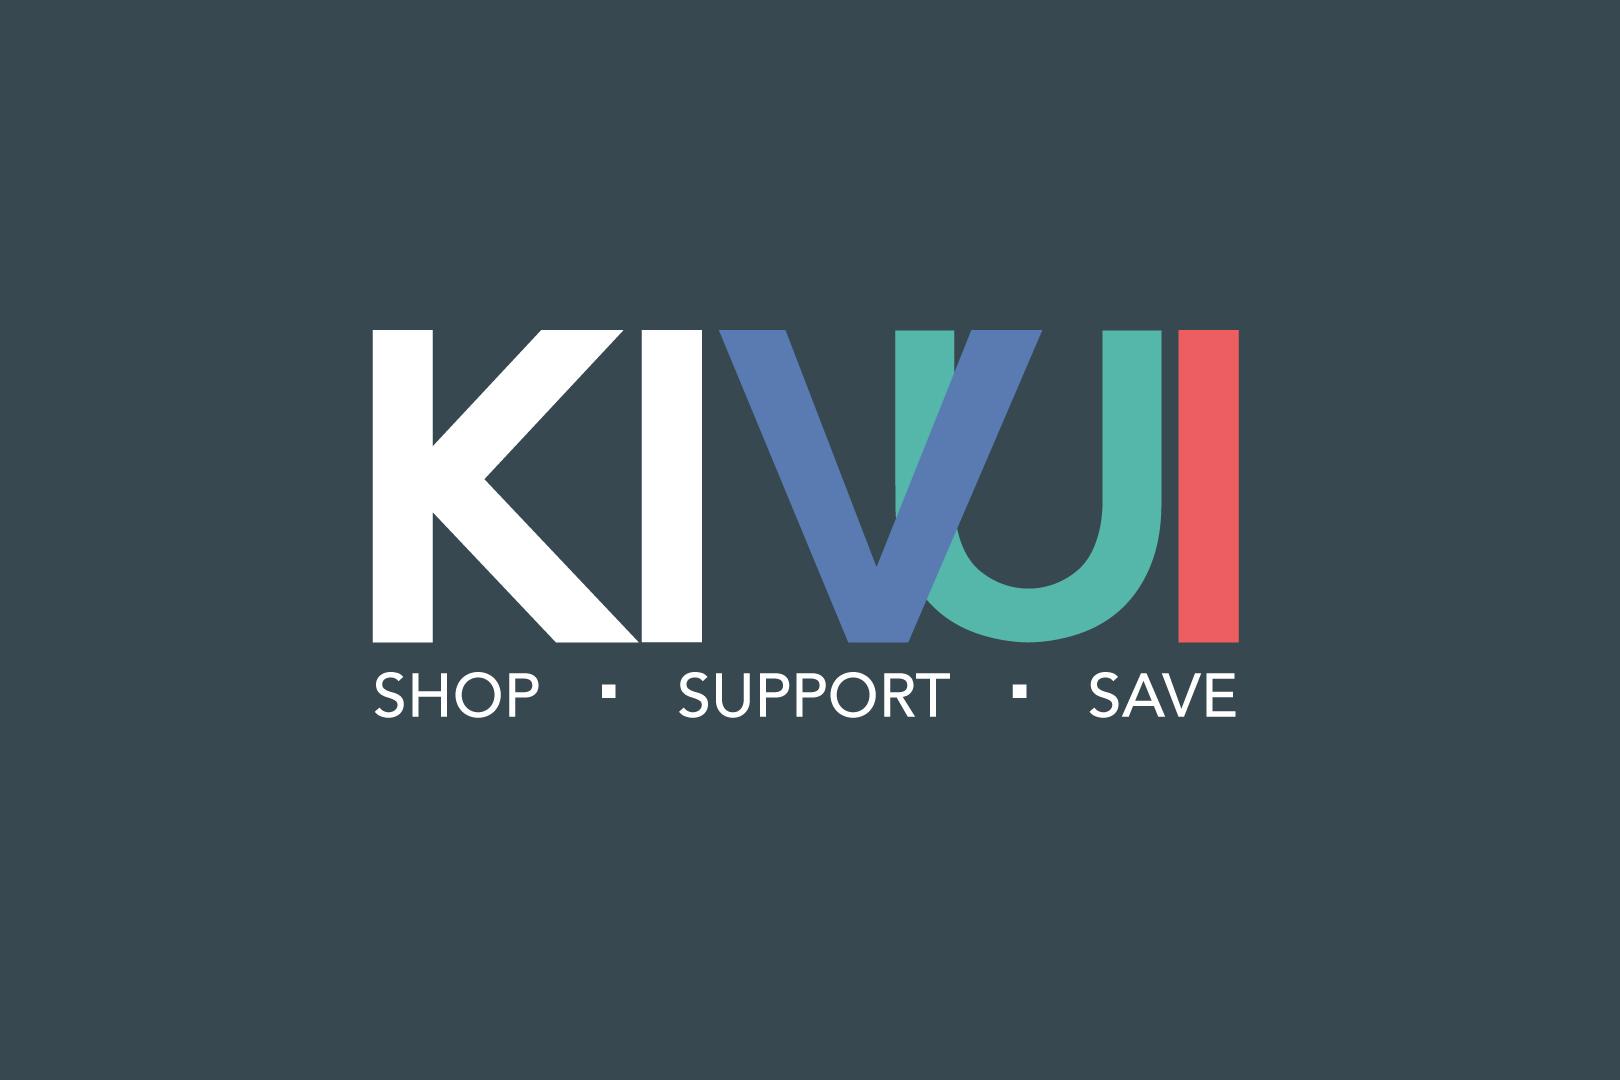 portfolio-kivui-at-elevendots-1